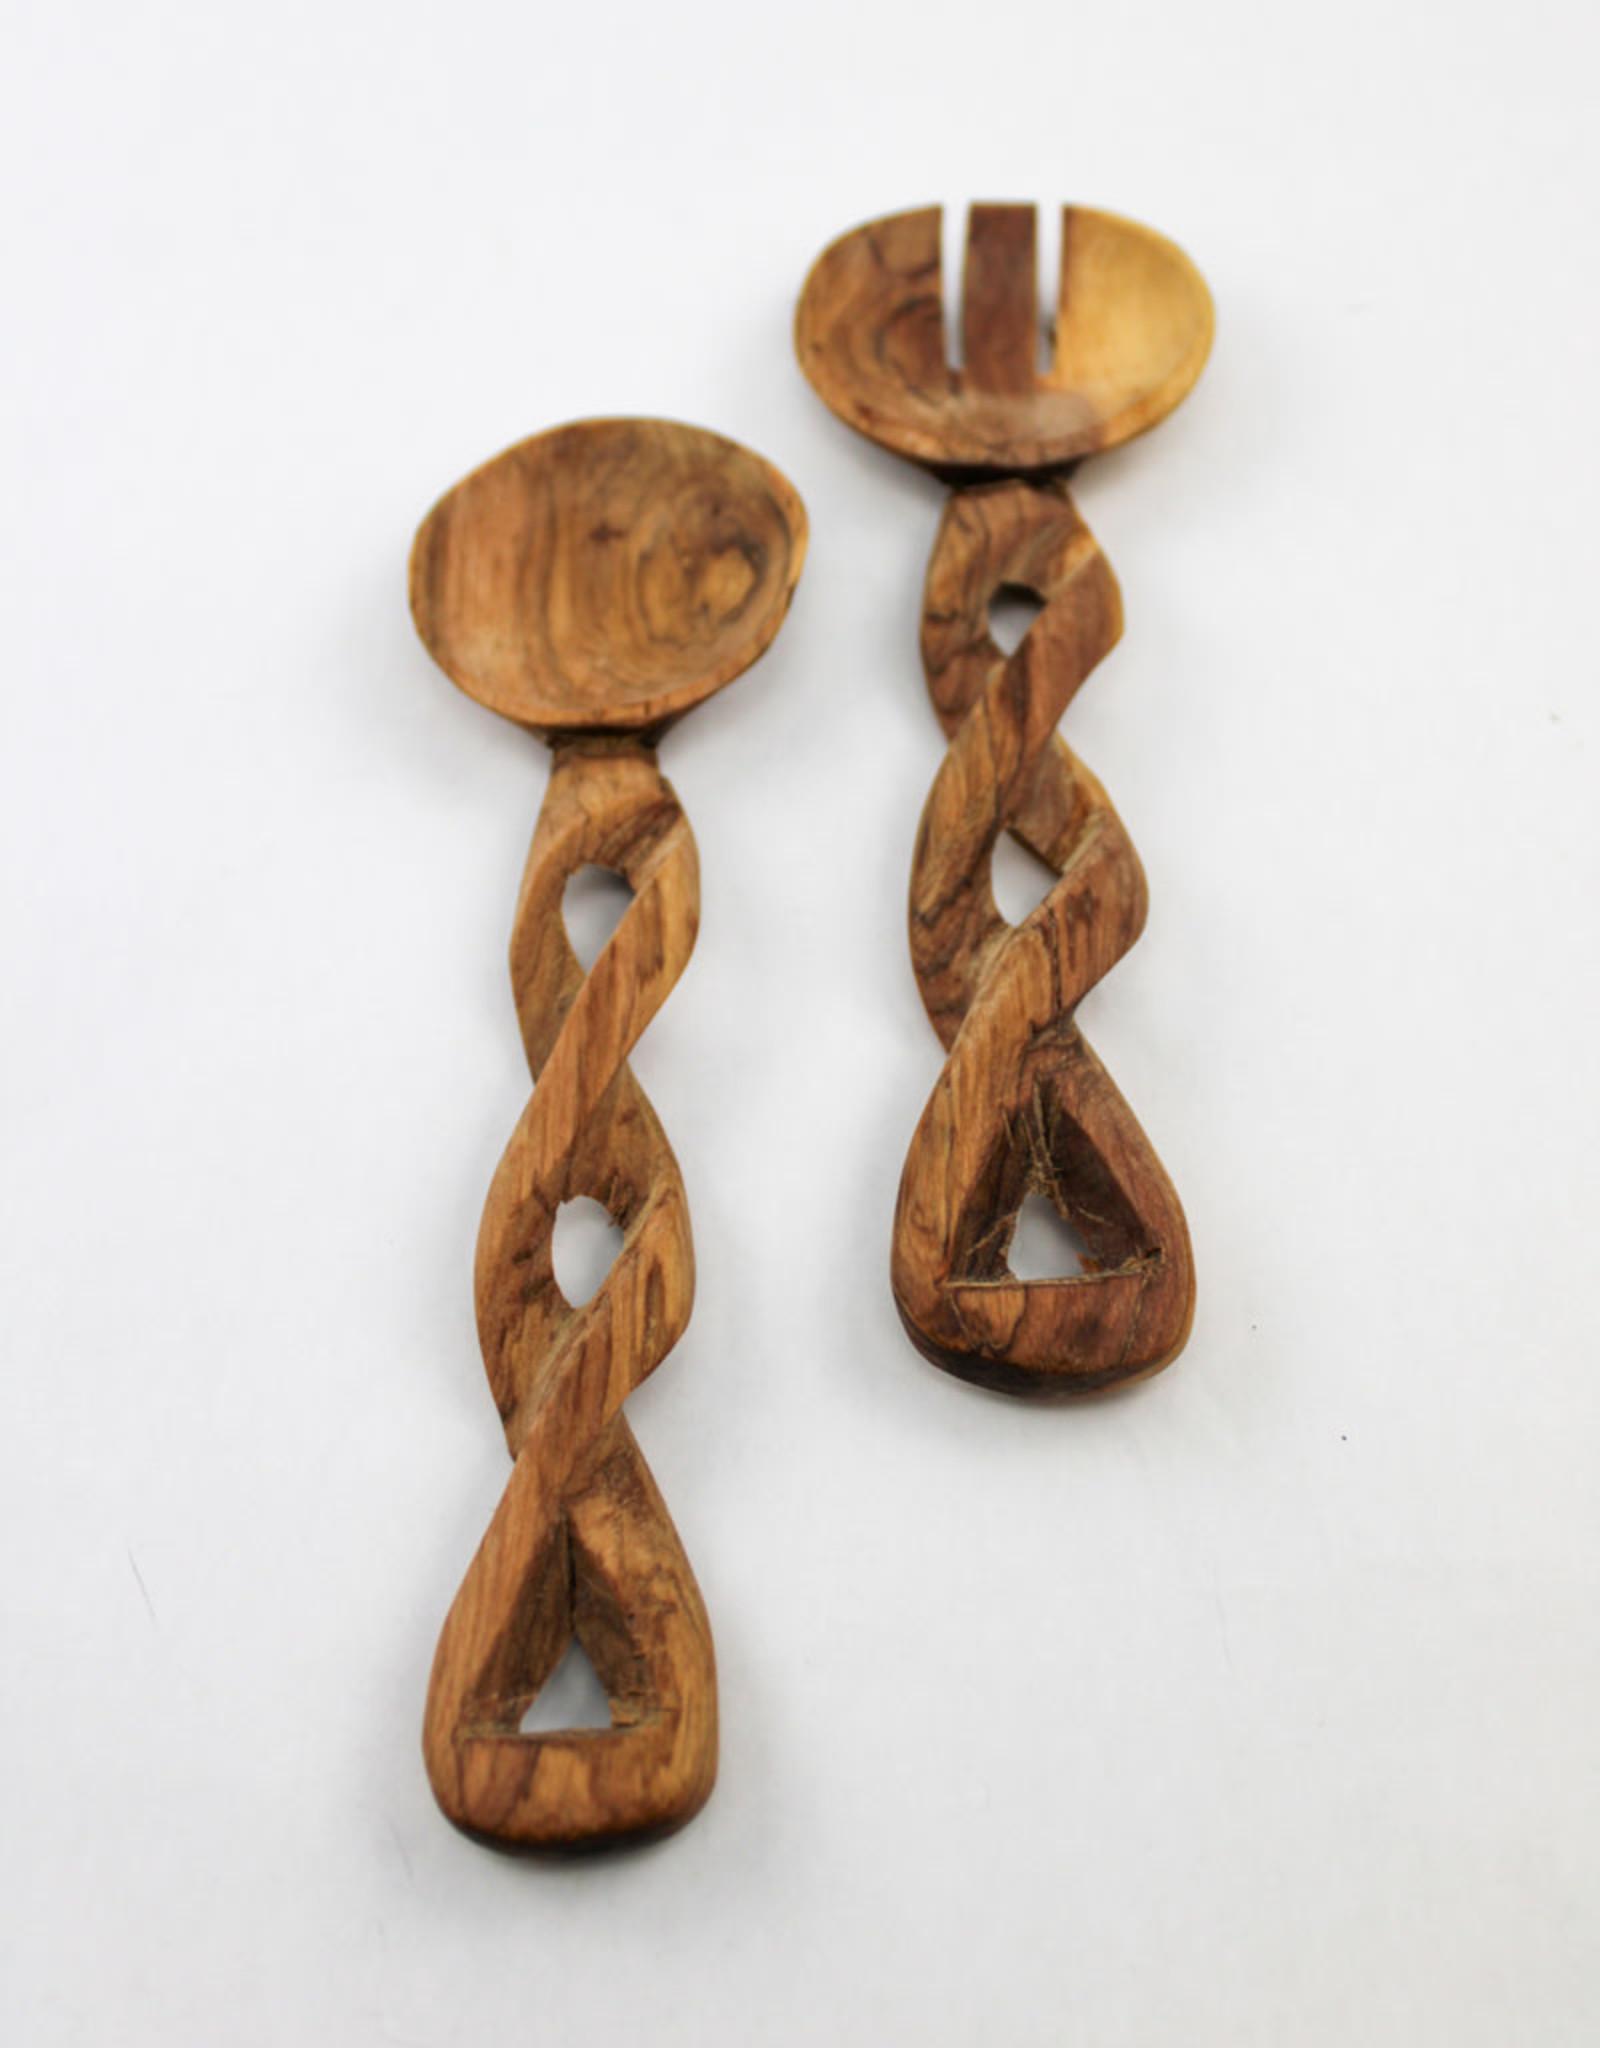 Global Crafts Olive Wood Serving Set- Braided